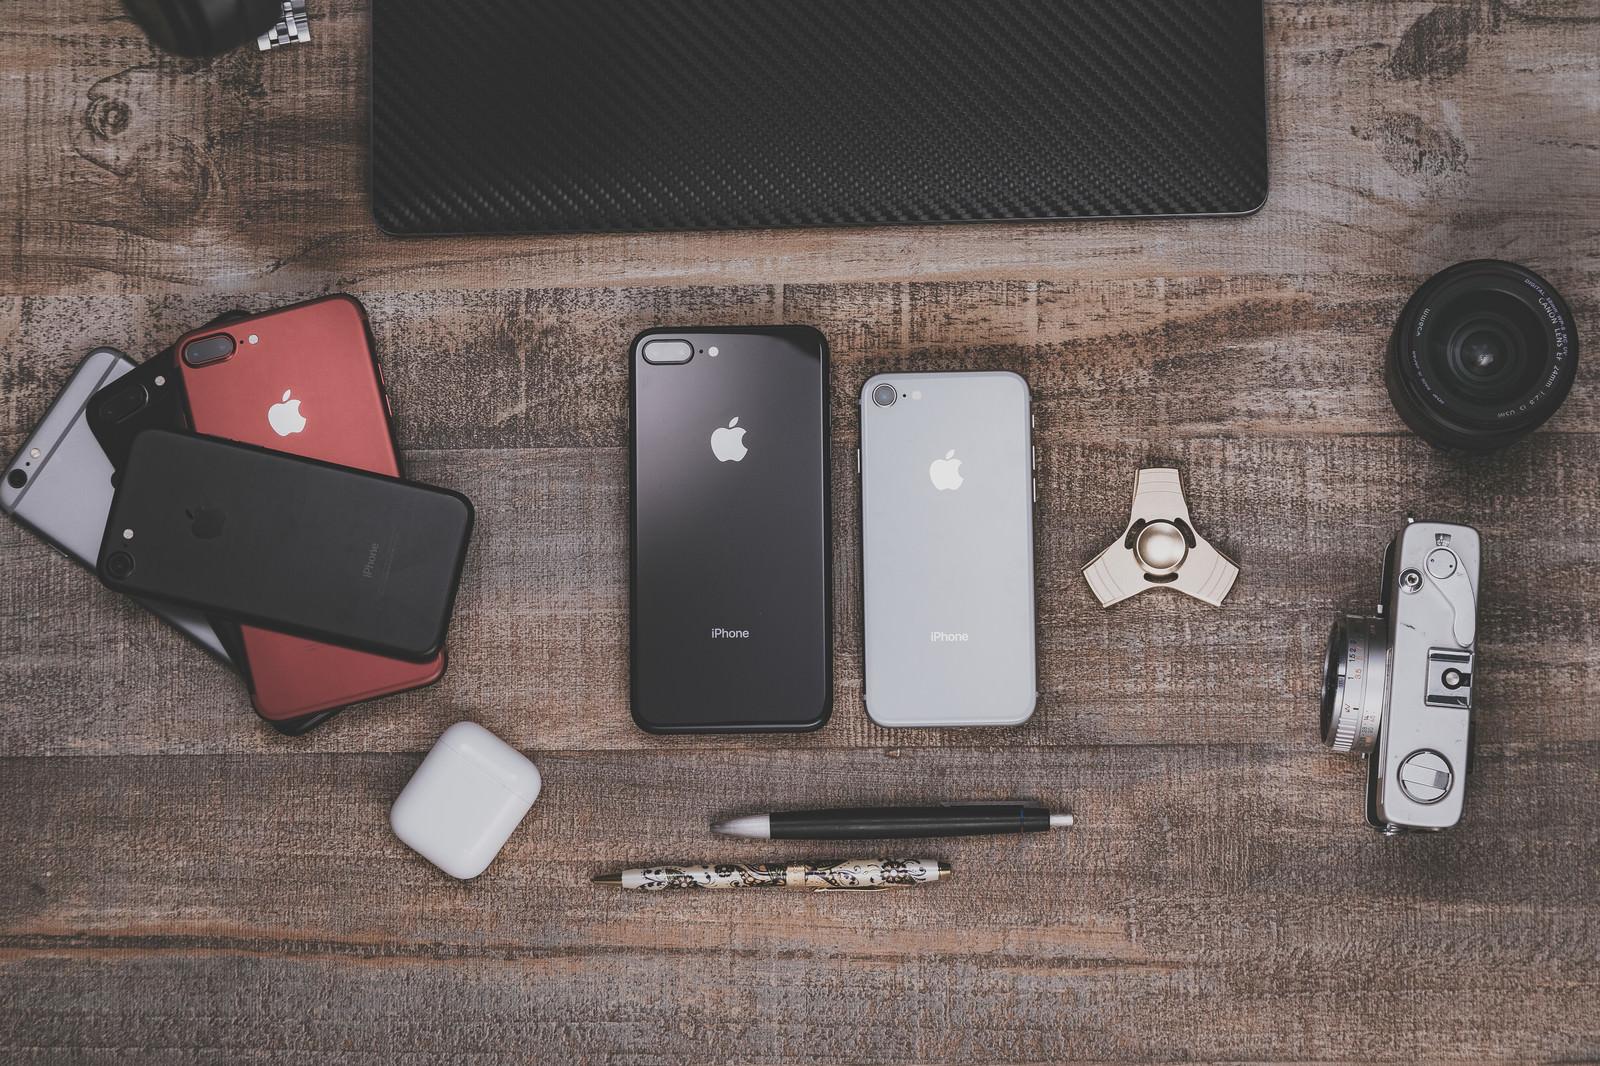 「複数のiPhoneを検証する」の写真